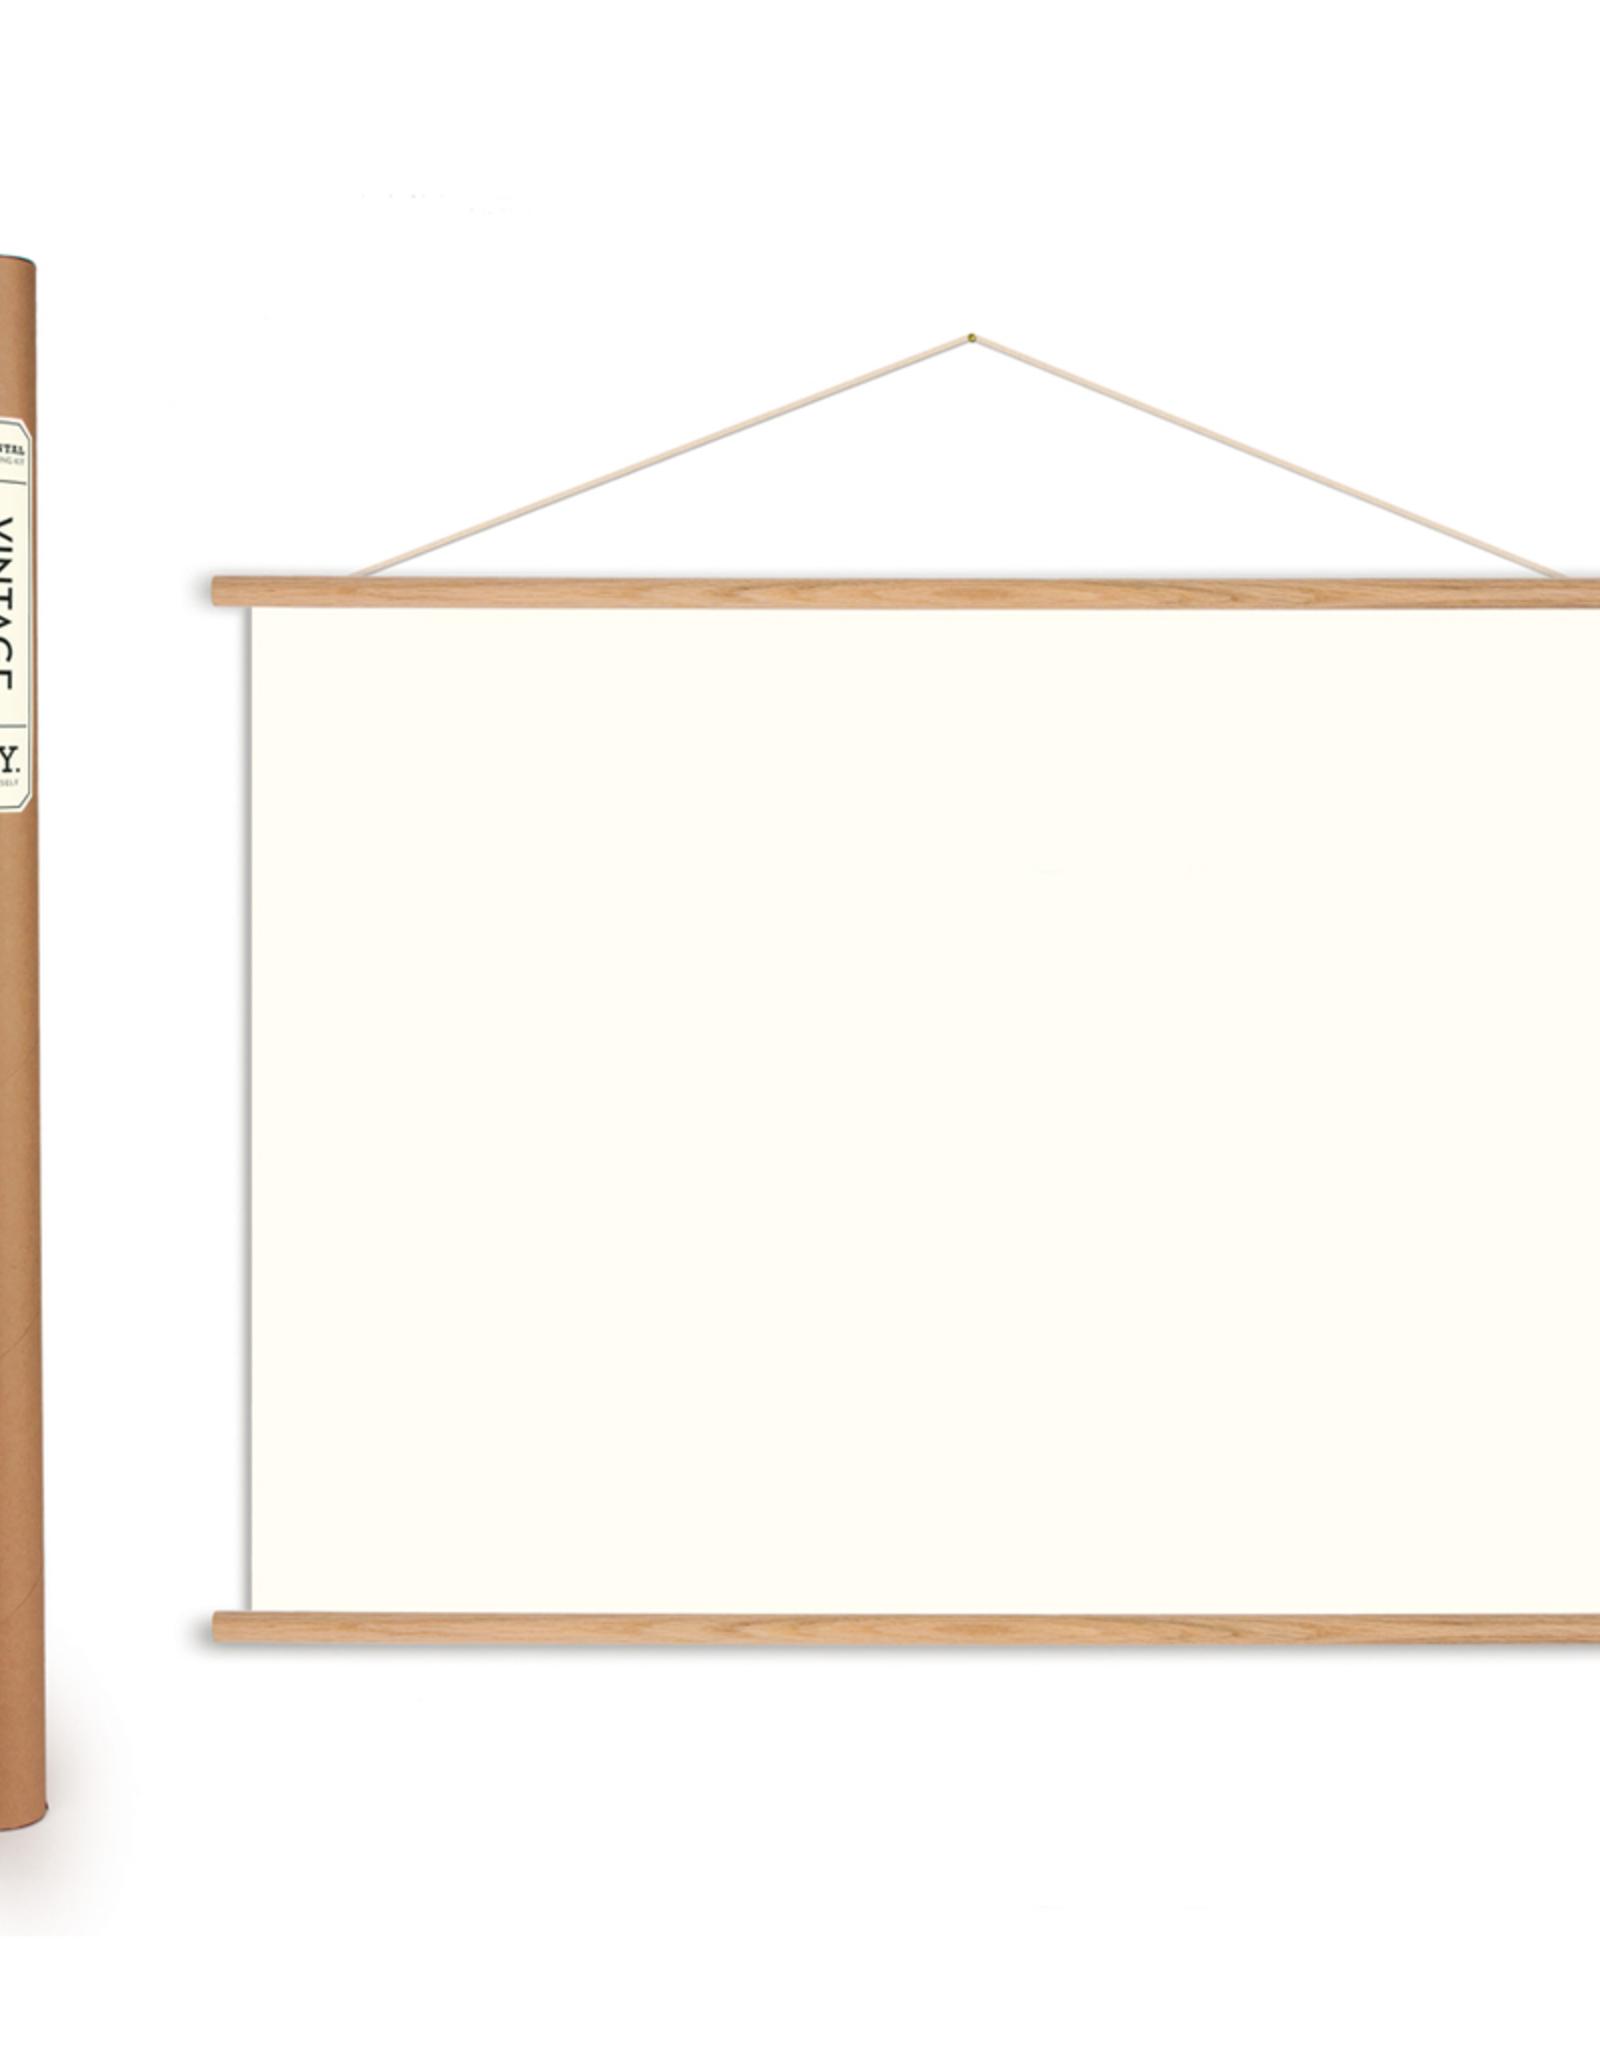 New Poster Hanging Kit - Horizontal